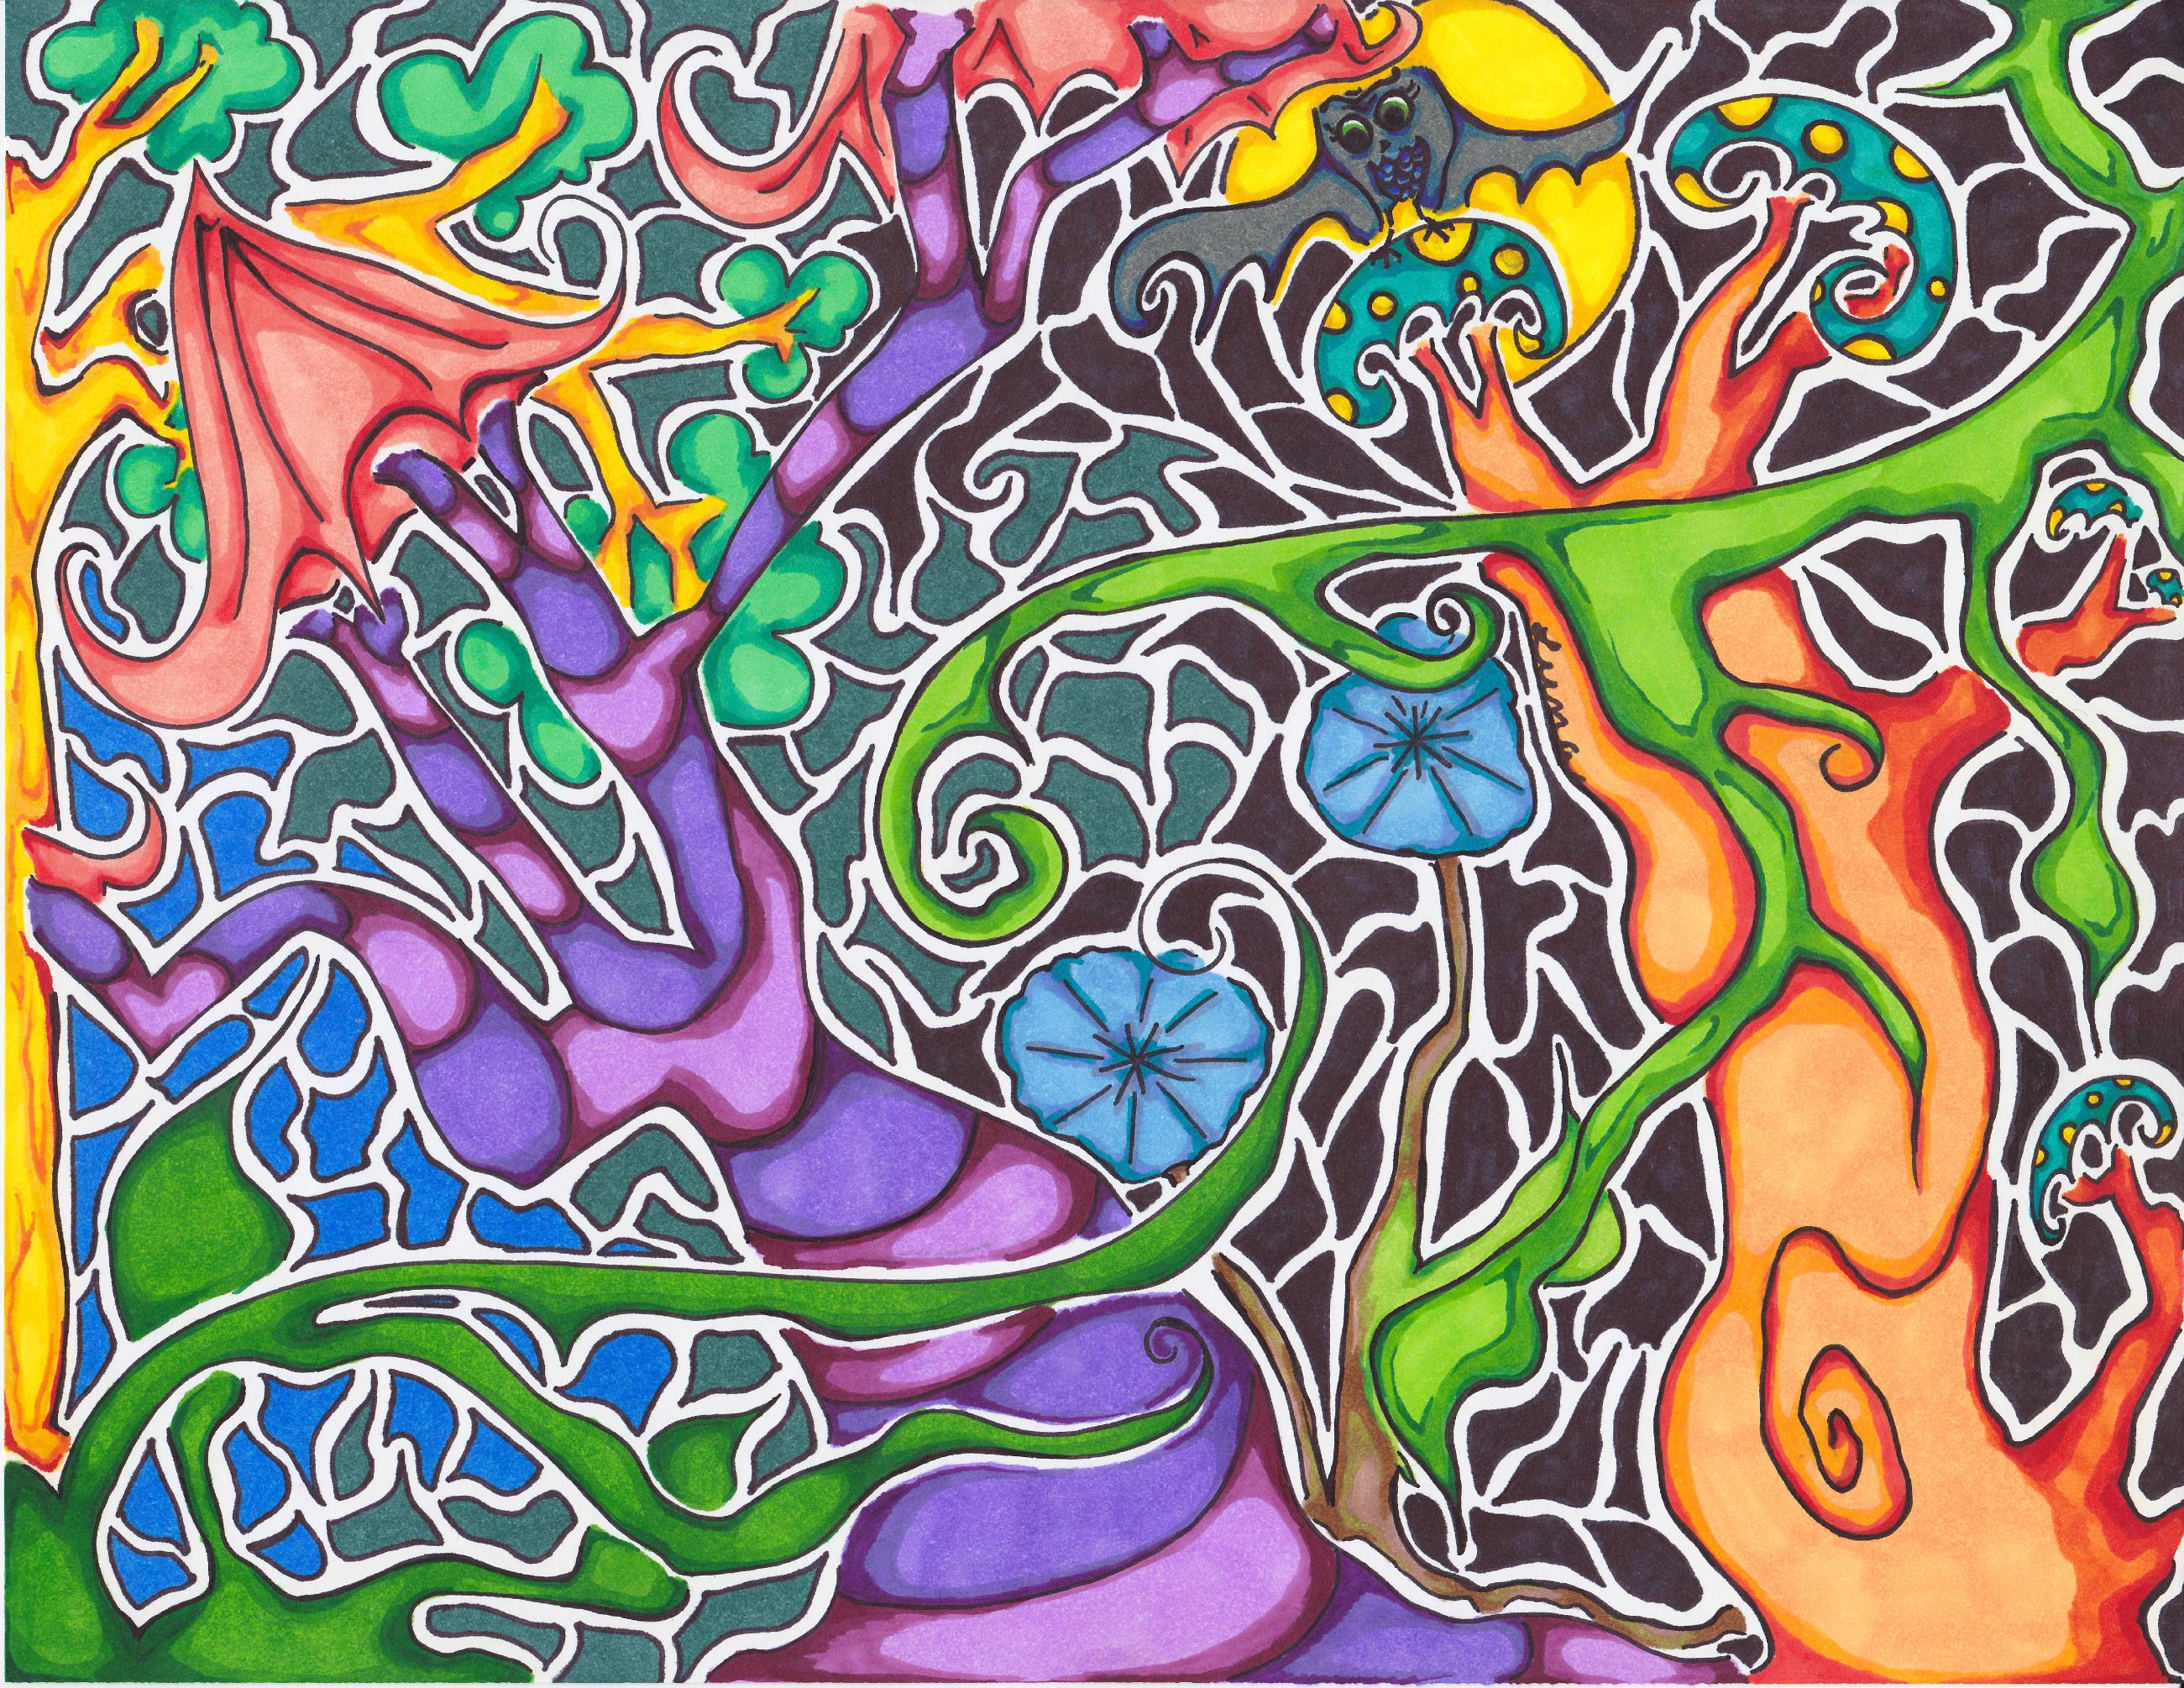 Rare by graffitica